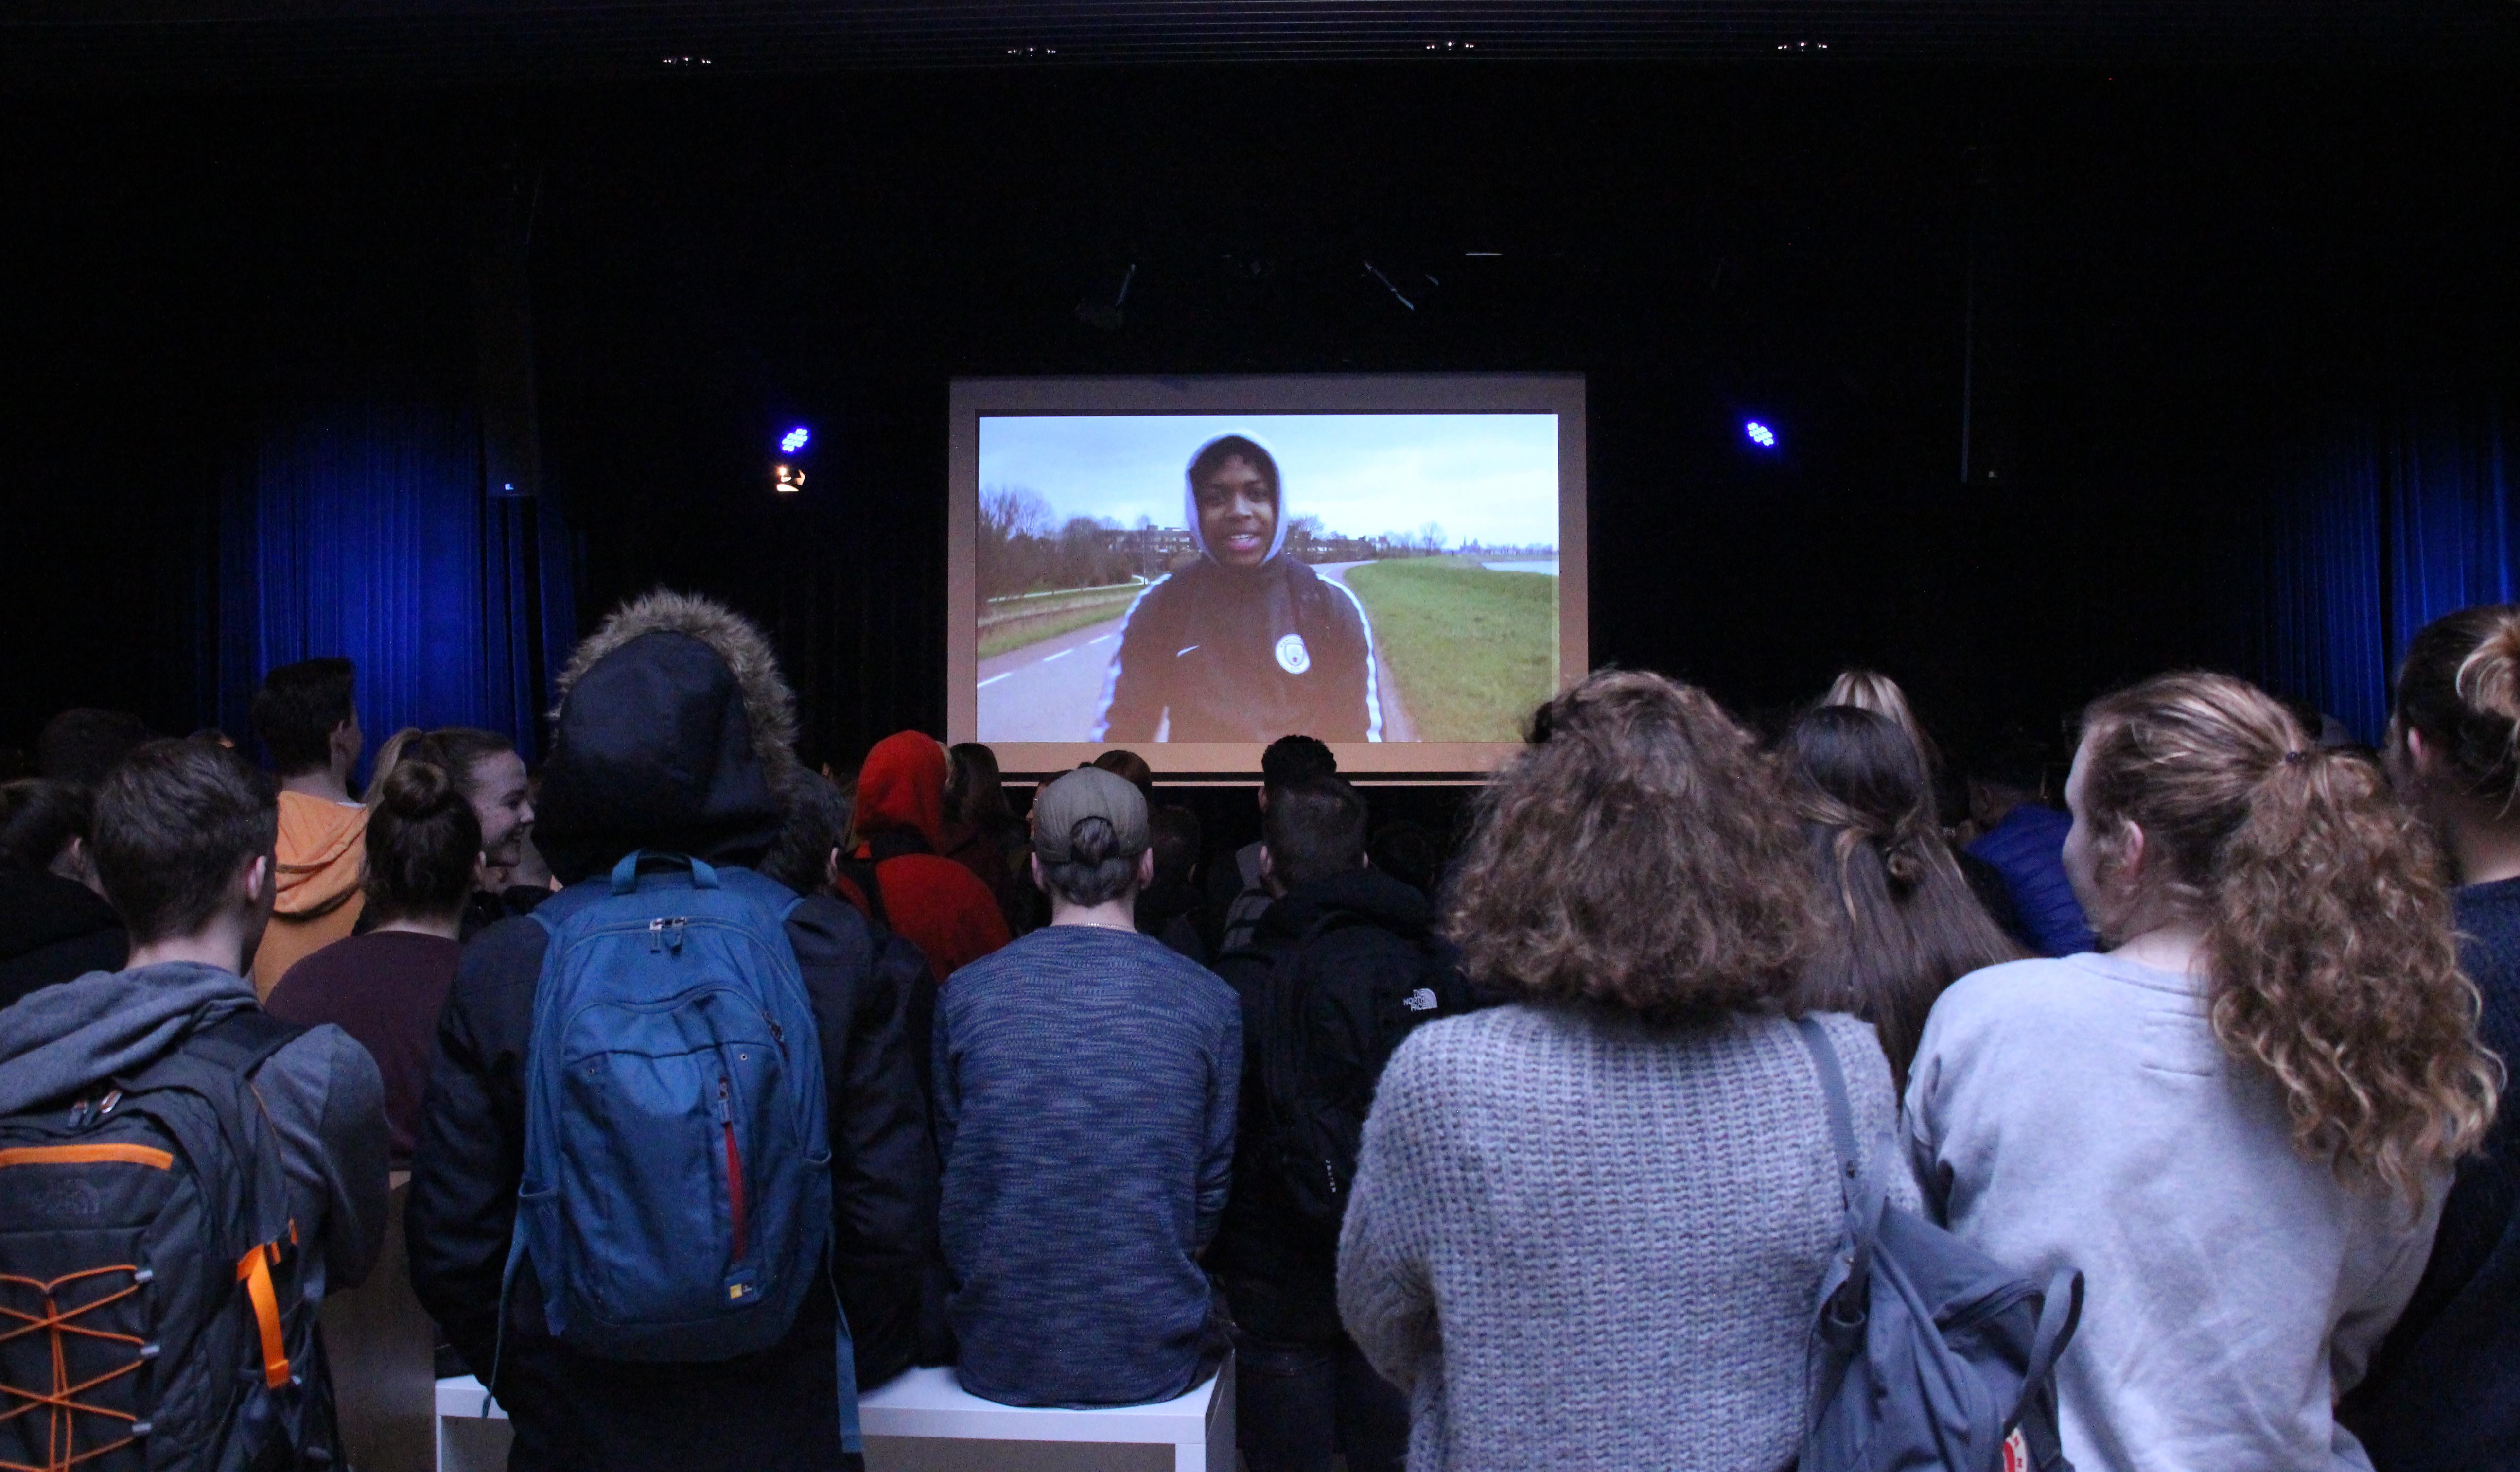 Tijdens de grote pauze werd de clip getoond die negen leerlingen maakten tijdens een rapworkshop. (Foto: aangeleverd)